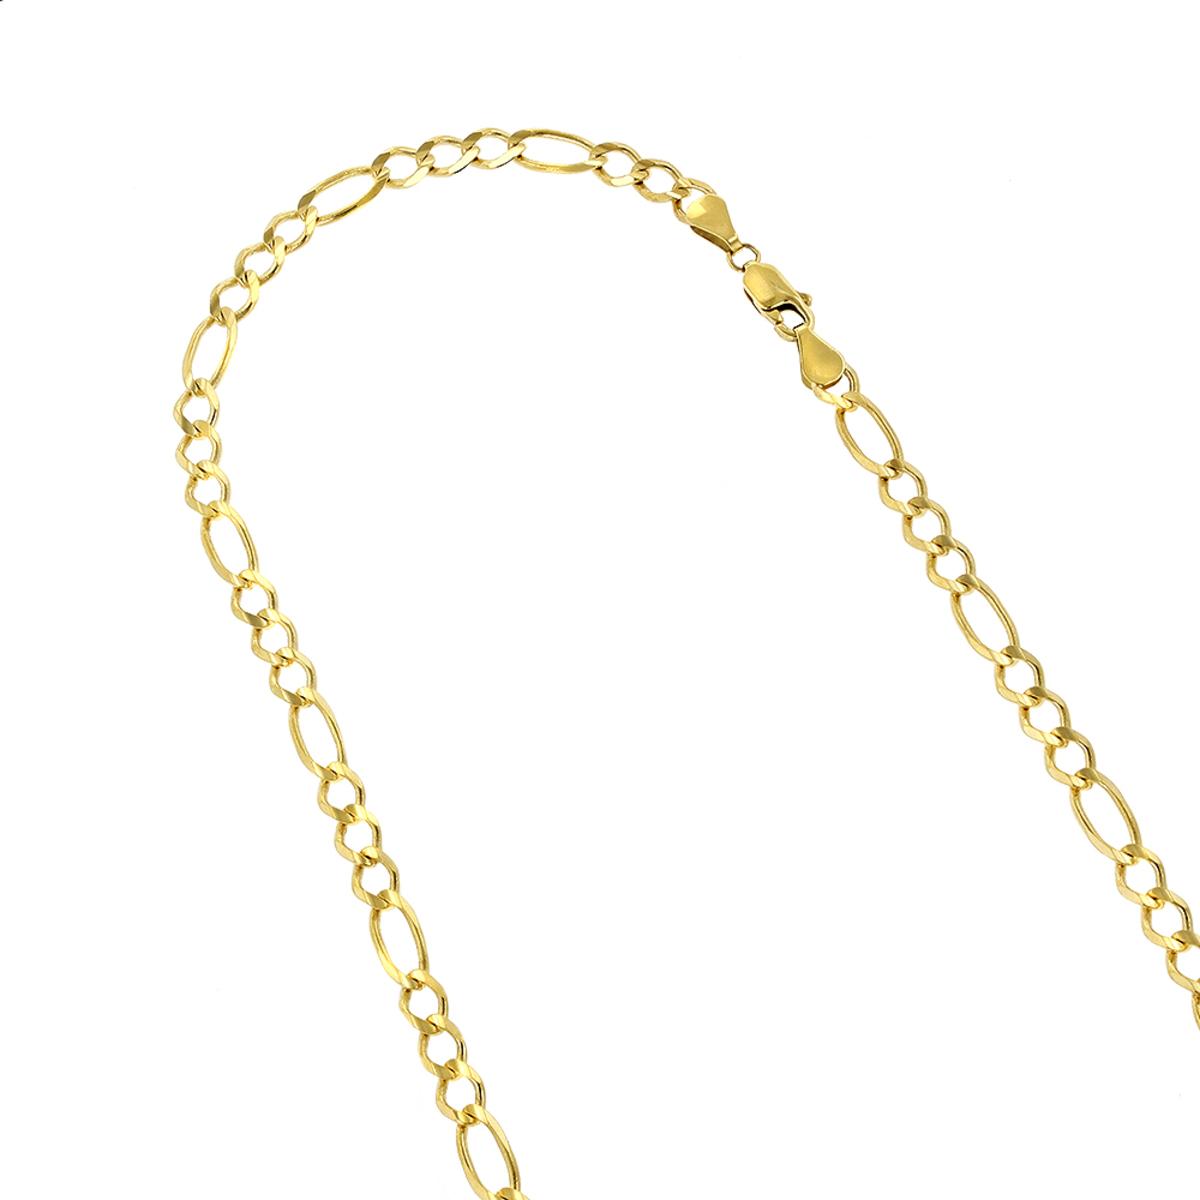 LUXURMAN Solid 10k Gold Figaro Chain For Men & Women 6mm Wide